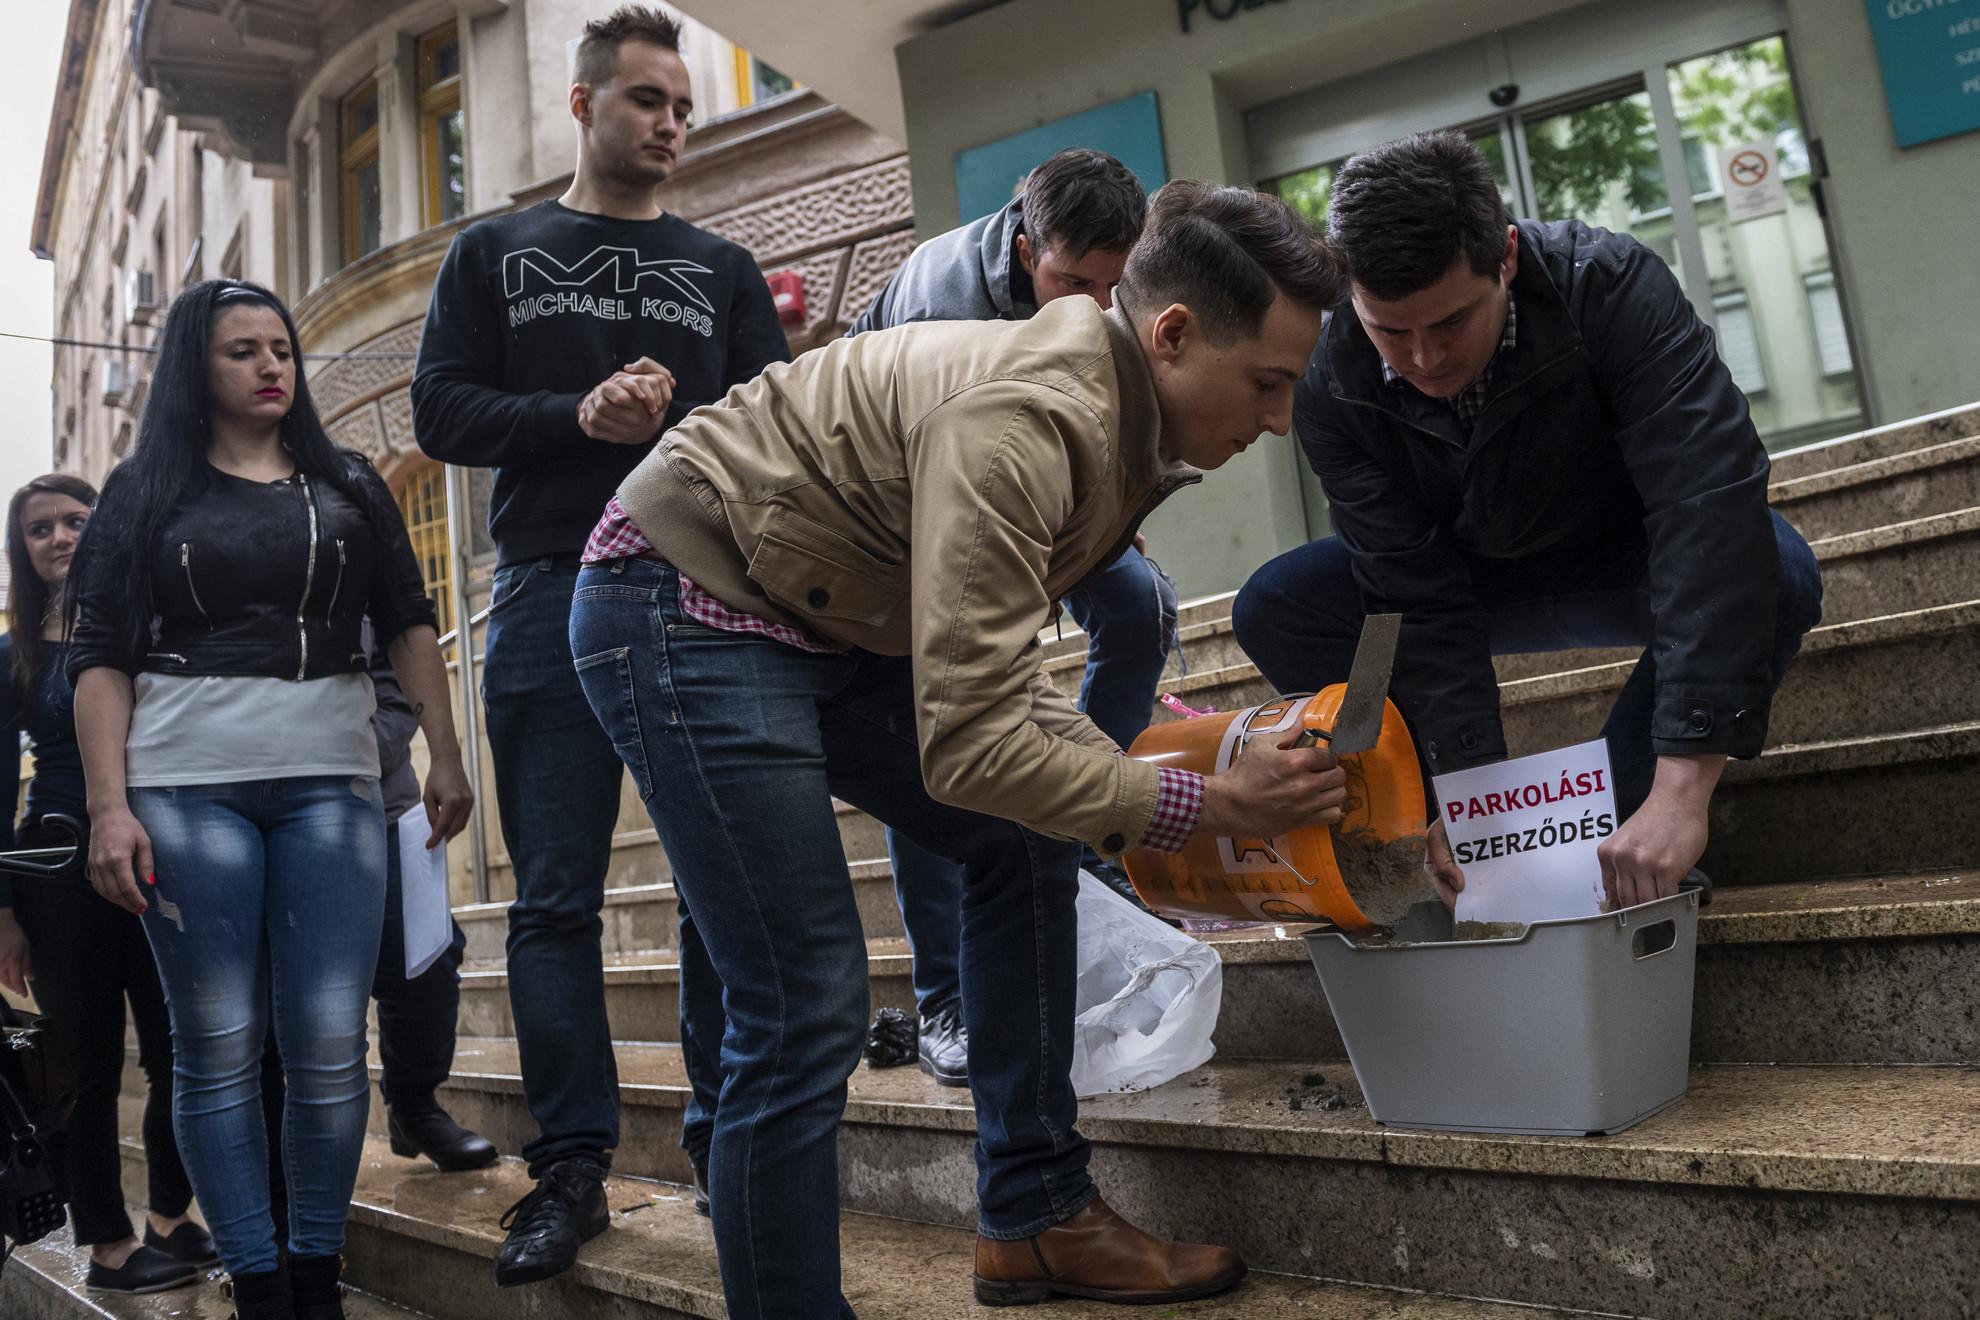 Borbély Ádám, a Fidelitas budapesti elnöke (j2) és a politikai ifjúsági szervezet szimbolikusan bebetonozza a zuglói parkolási szerződést a zuglói önkormányzat épülete előtt